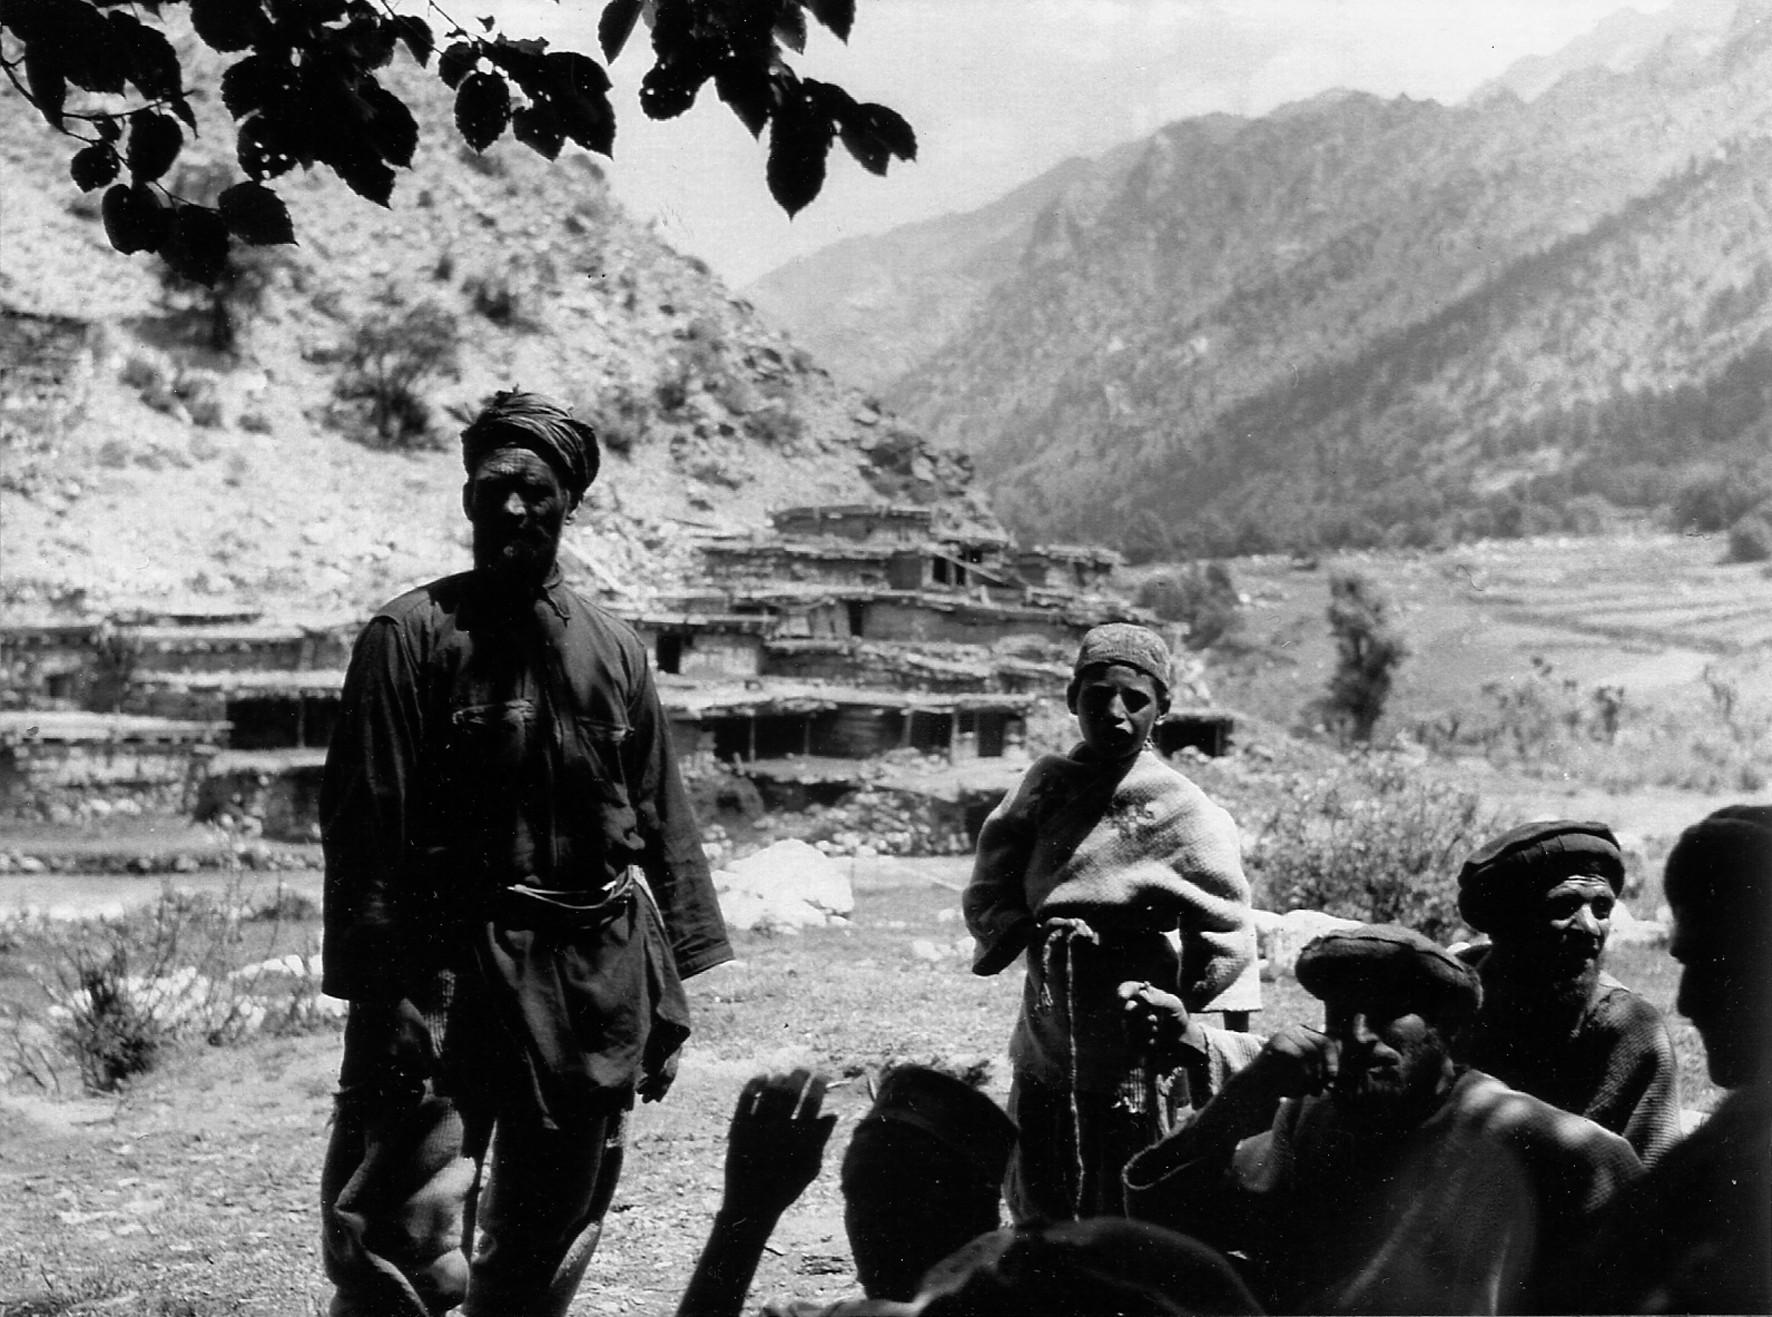 Fotos von der Reise nach Nuristan 1958